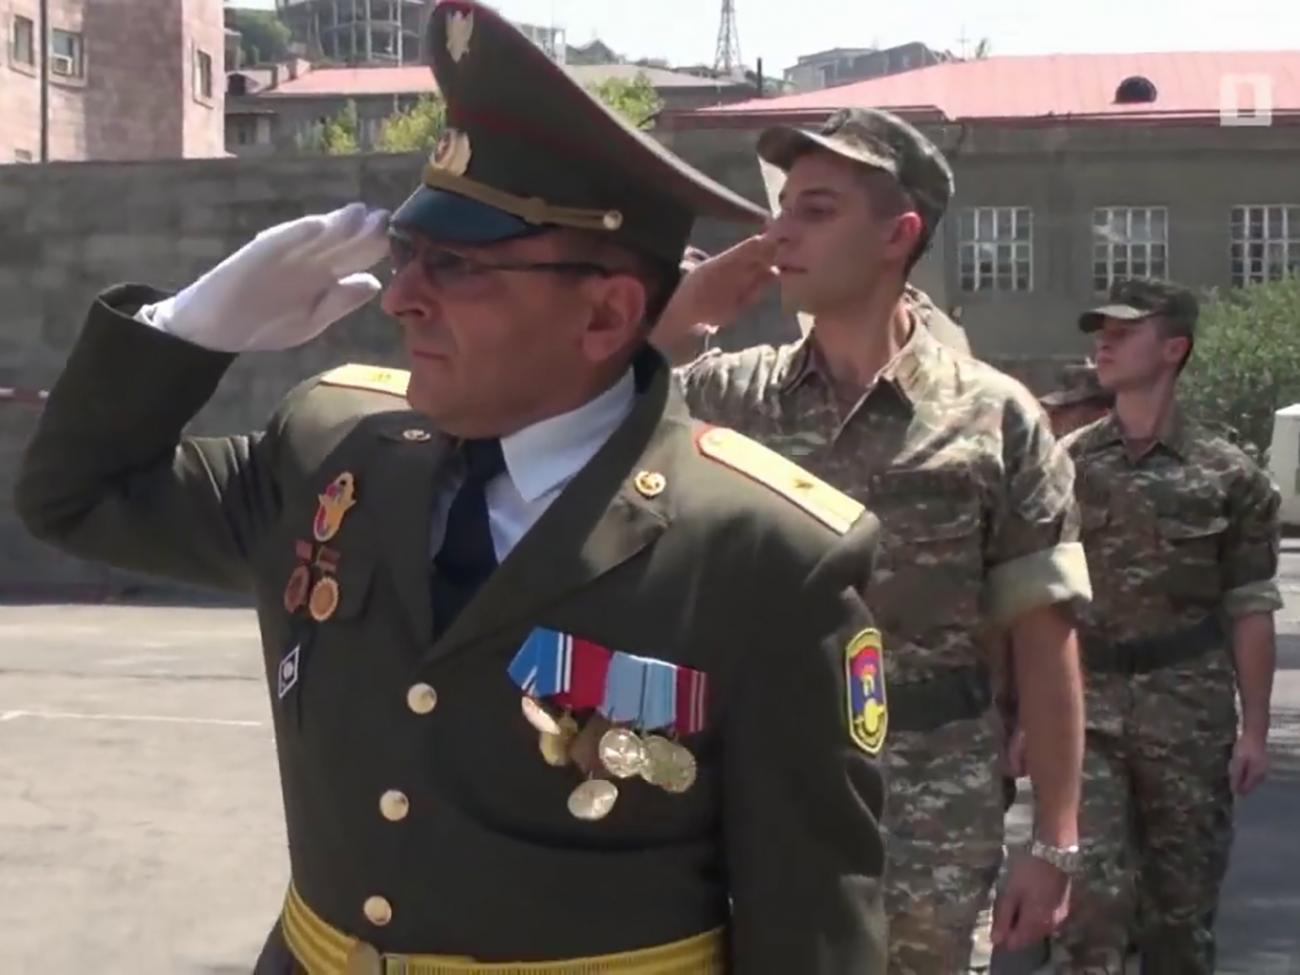 ԵՊԲՀ դասախոս Գառնիկ Գասպարյանը 27-ամյա Հայկական զինուժի ակունքներում է, նրա առաջին զինվորներից մեկը